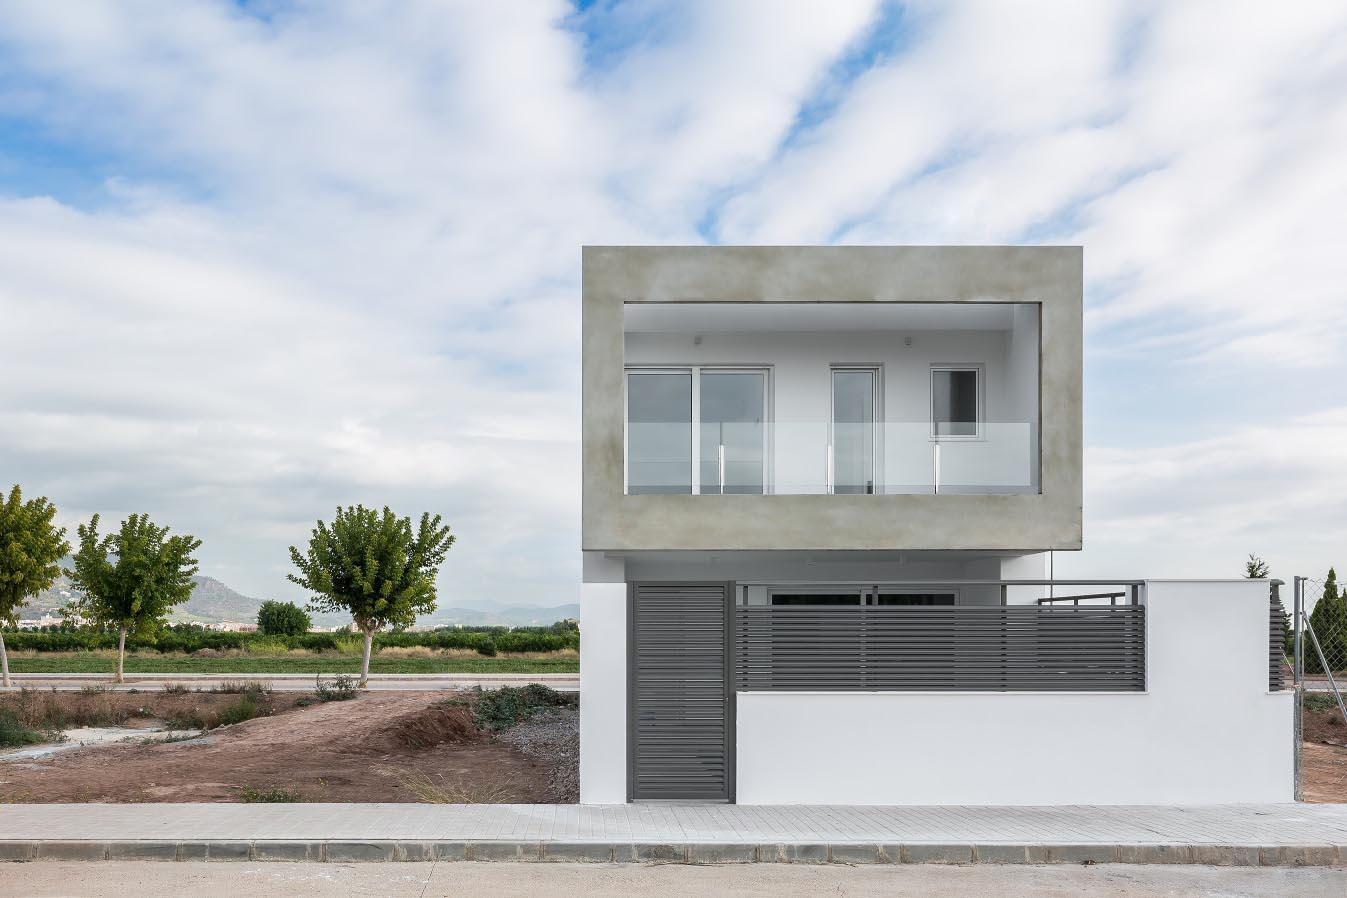 fotografia-arquitectura-valencia-puig-german-cabo-viraje-v15 (x)_portada